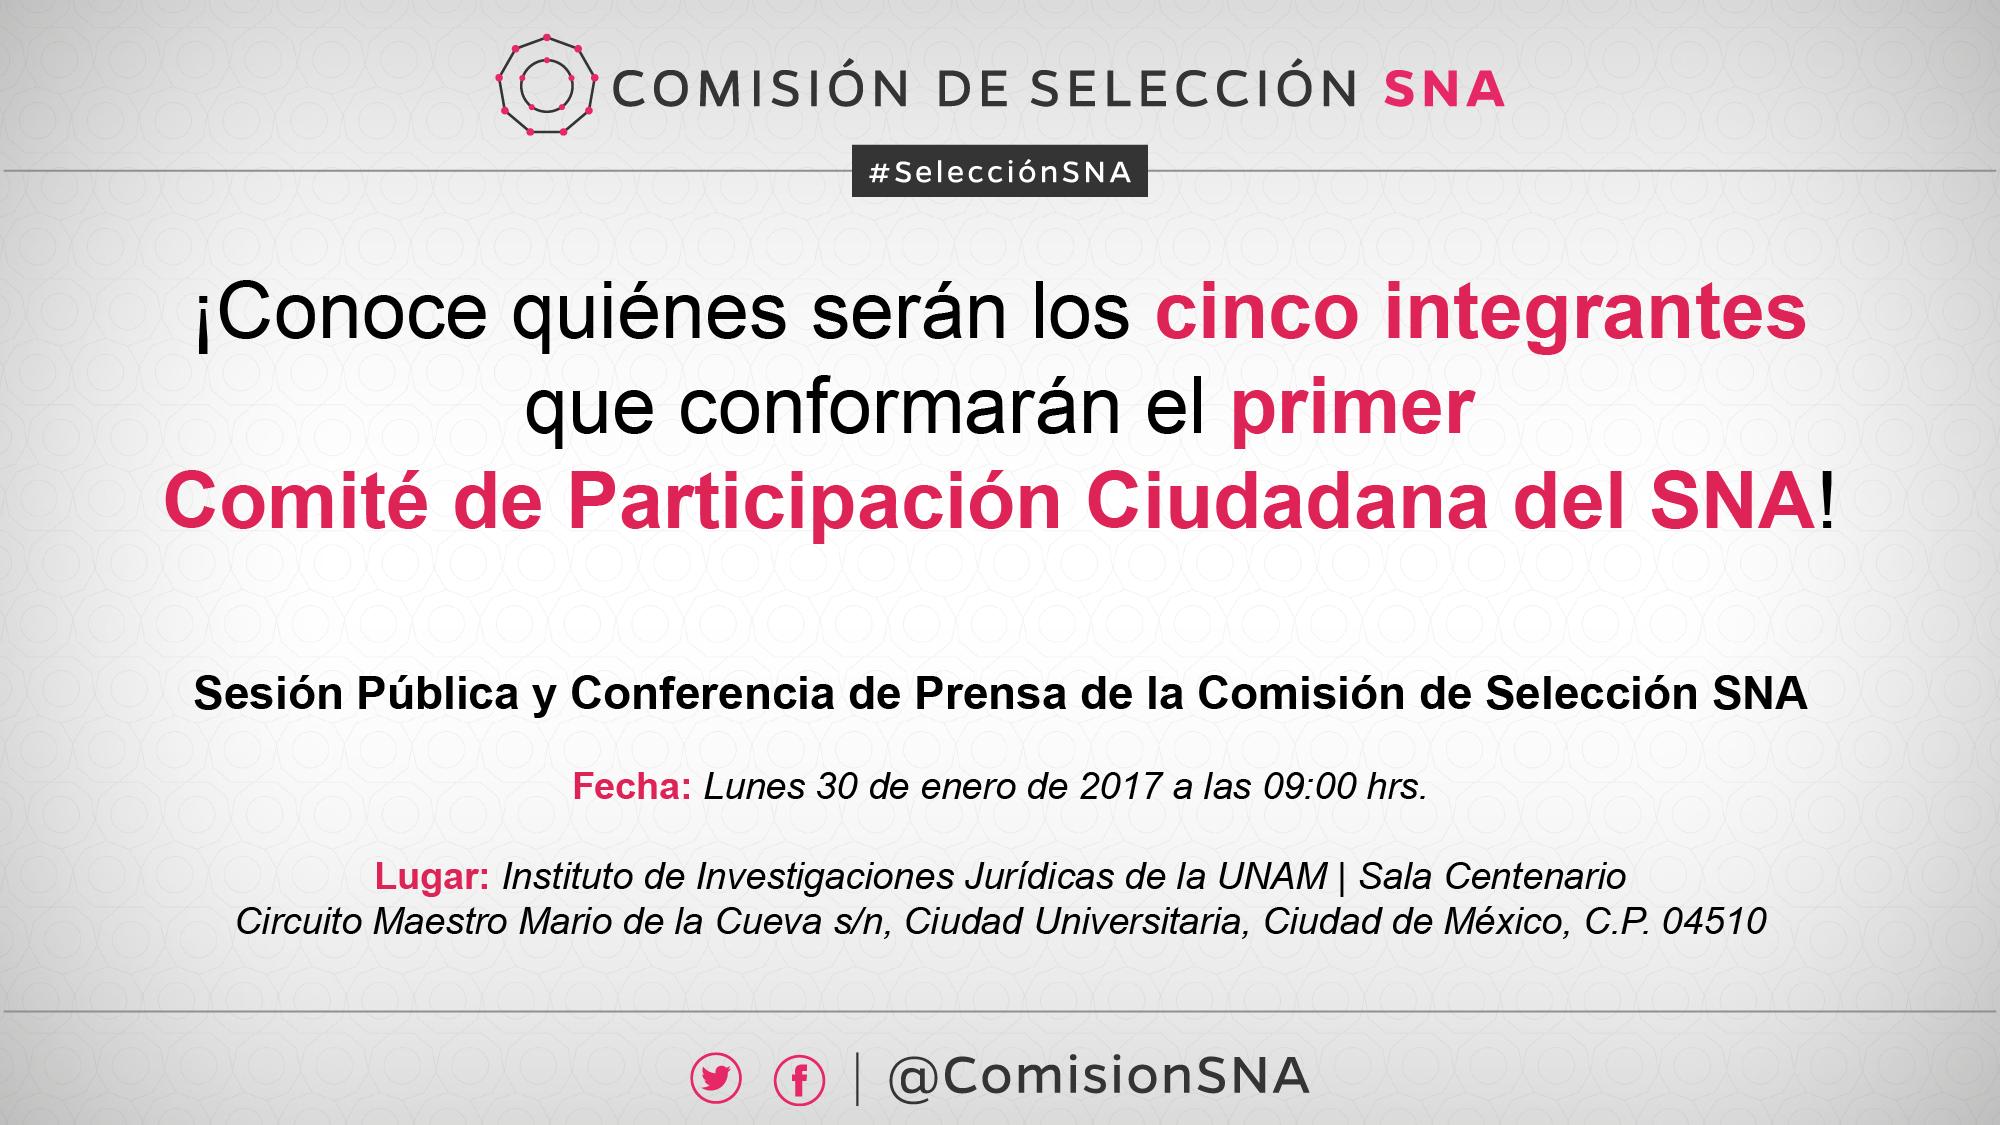 Comision_SNA_Invitacion_30_01_2017-01